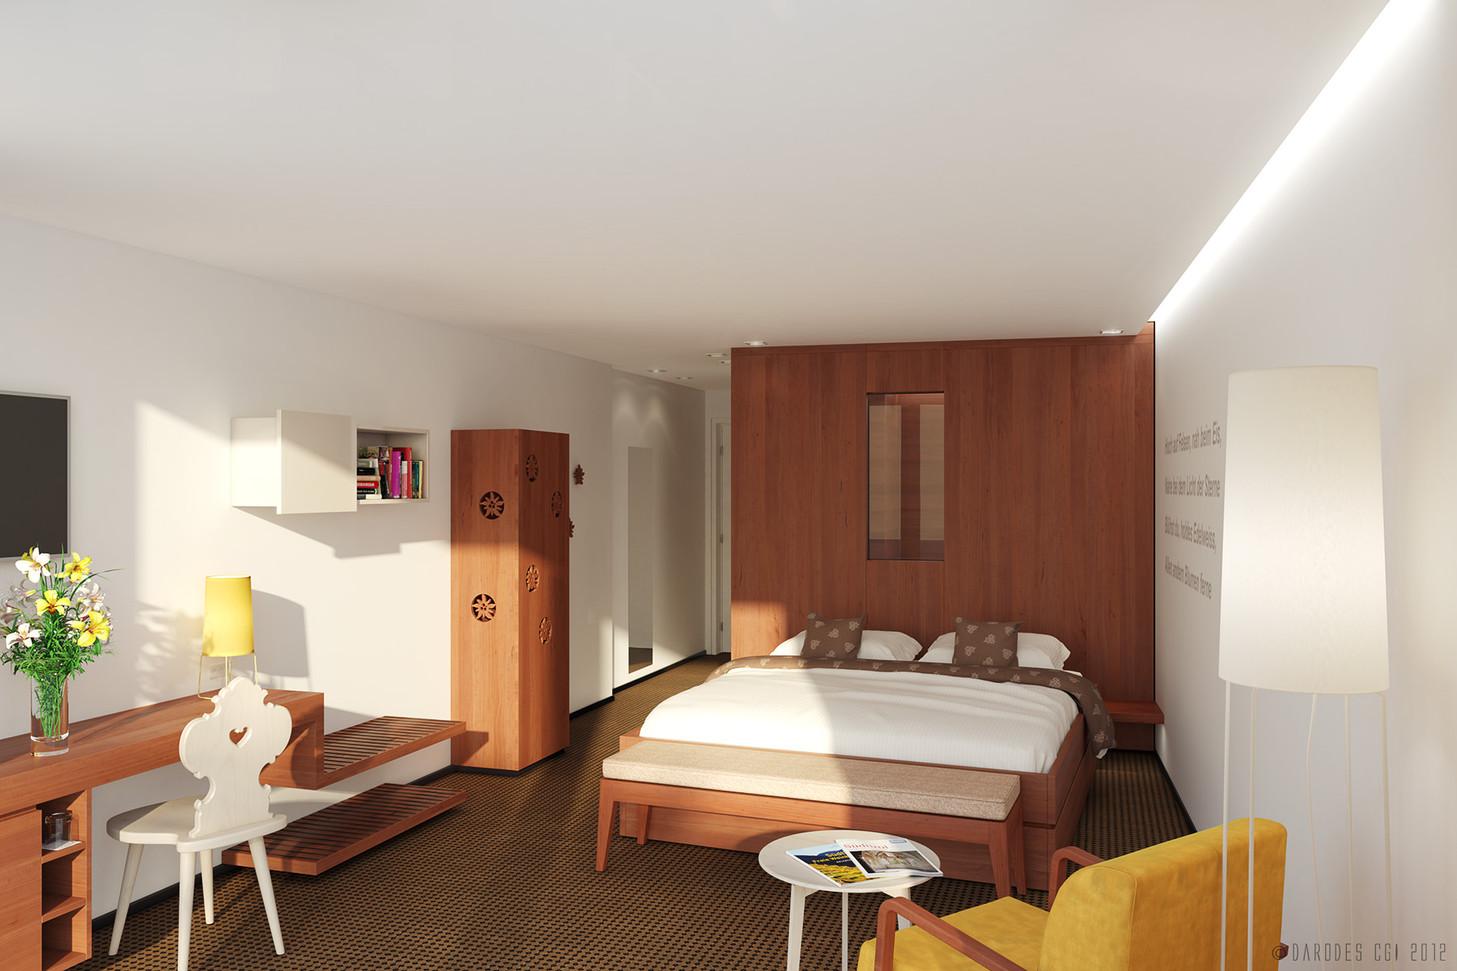 Hotel Hohenwart, Schenna bei Meran, Italien